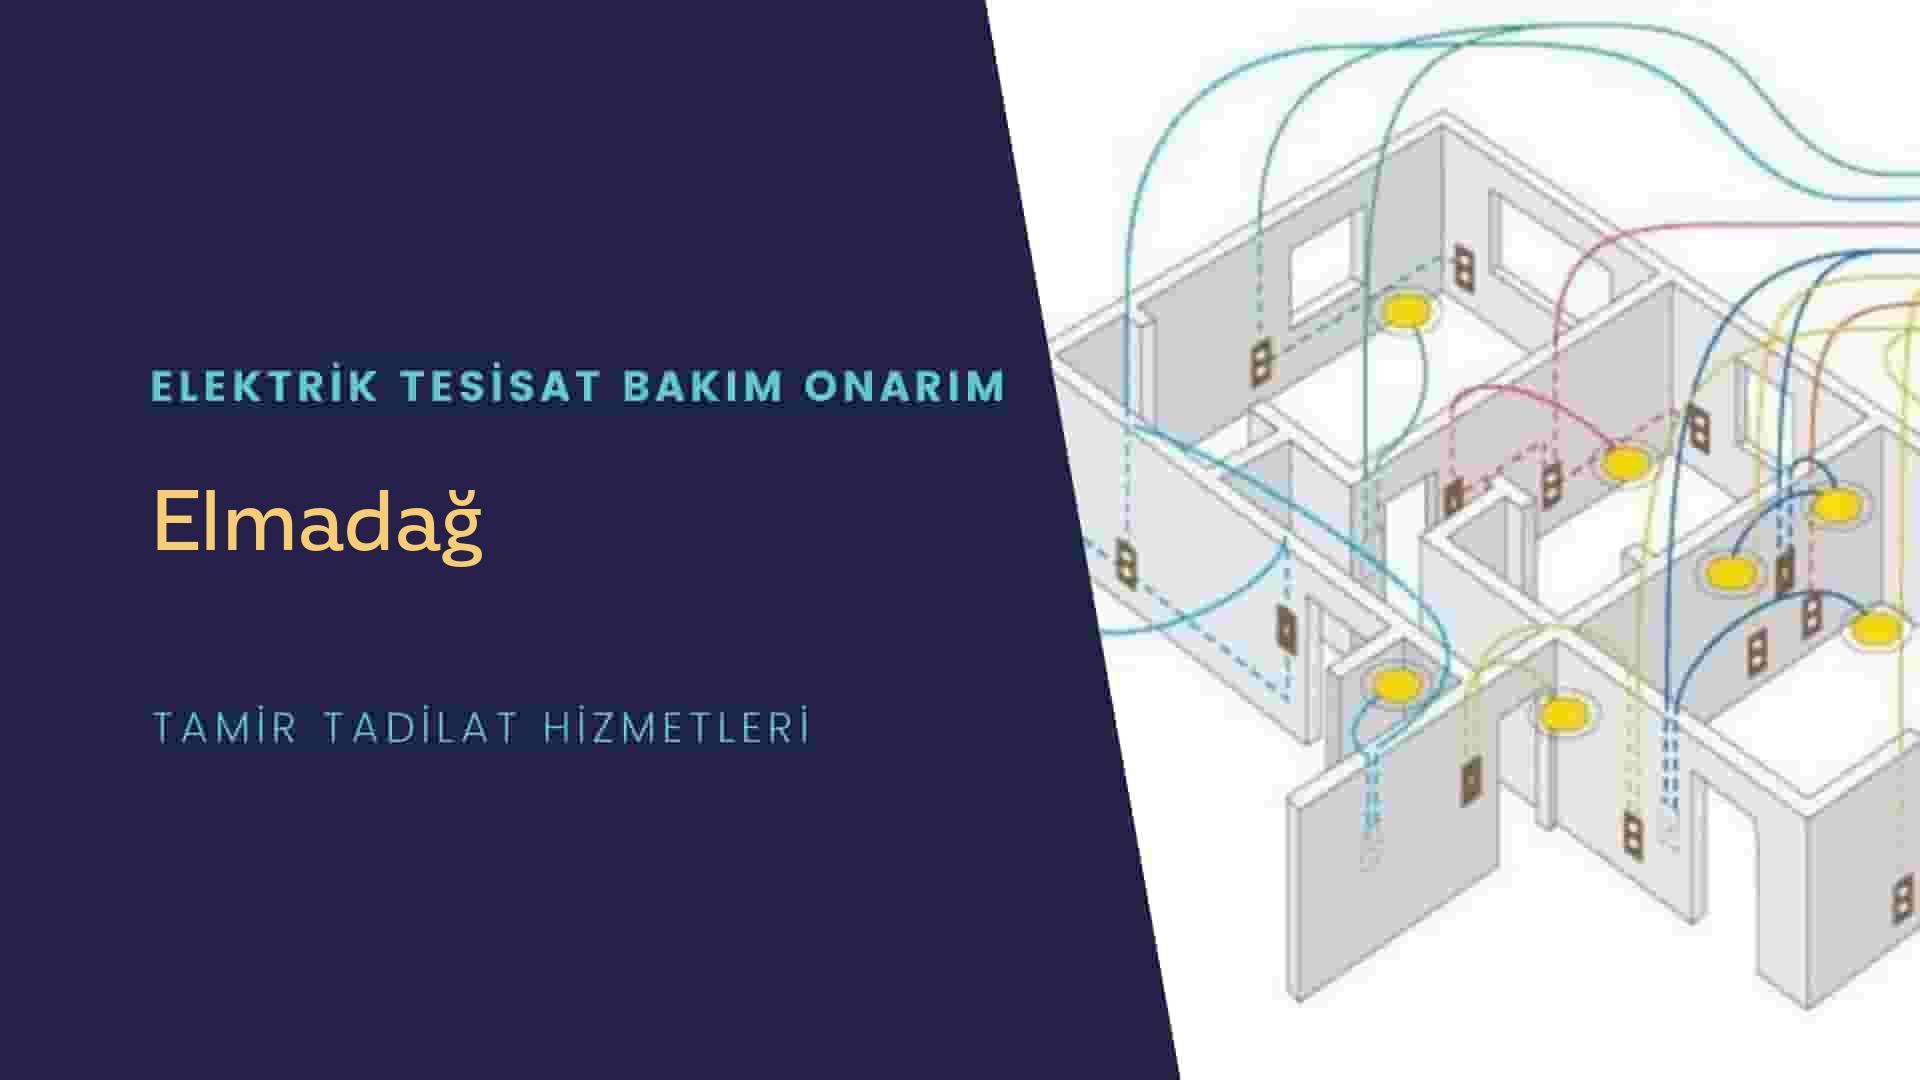 Elmadağ'da elektrik tesisatıustalarımı arıyorsunuz doğru adrestenizi Elmadağ elektrik tesisatı ustalarımız 7/24 sizlere hizmet vermekten mutluluk duyar.